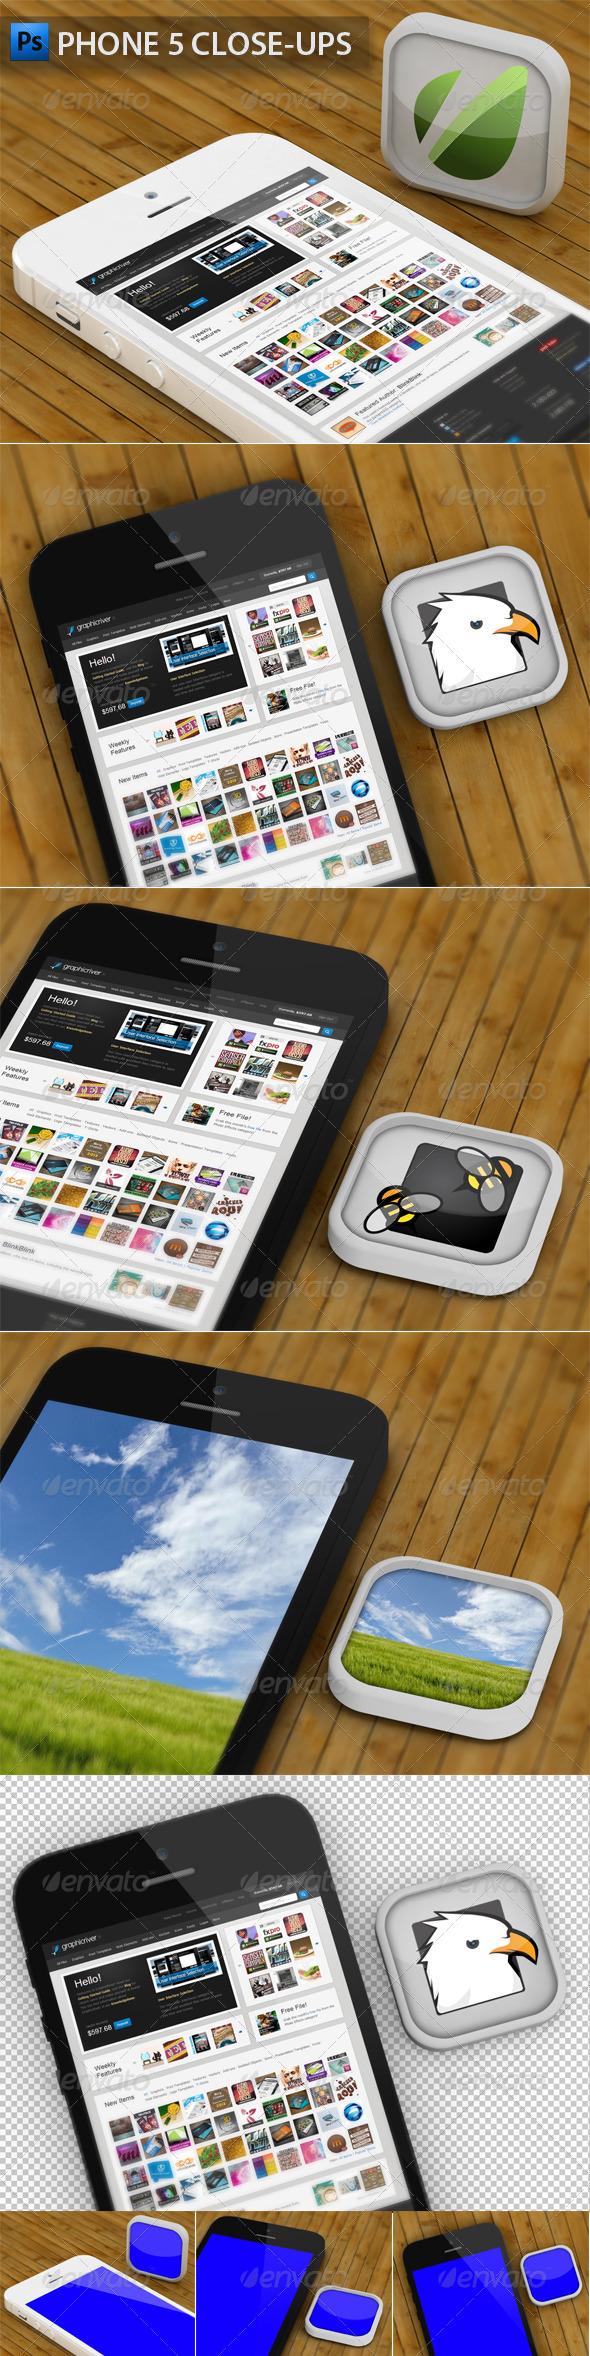 Phone 5 and App Close-ups - Mobile Displays